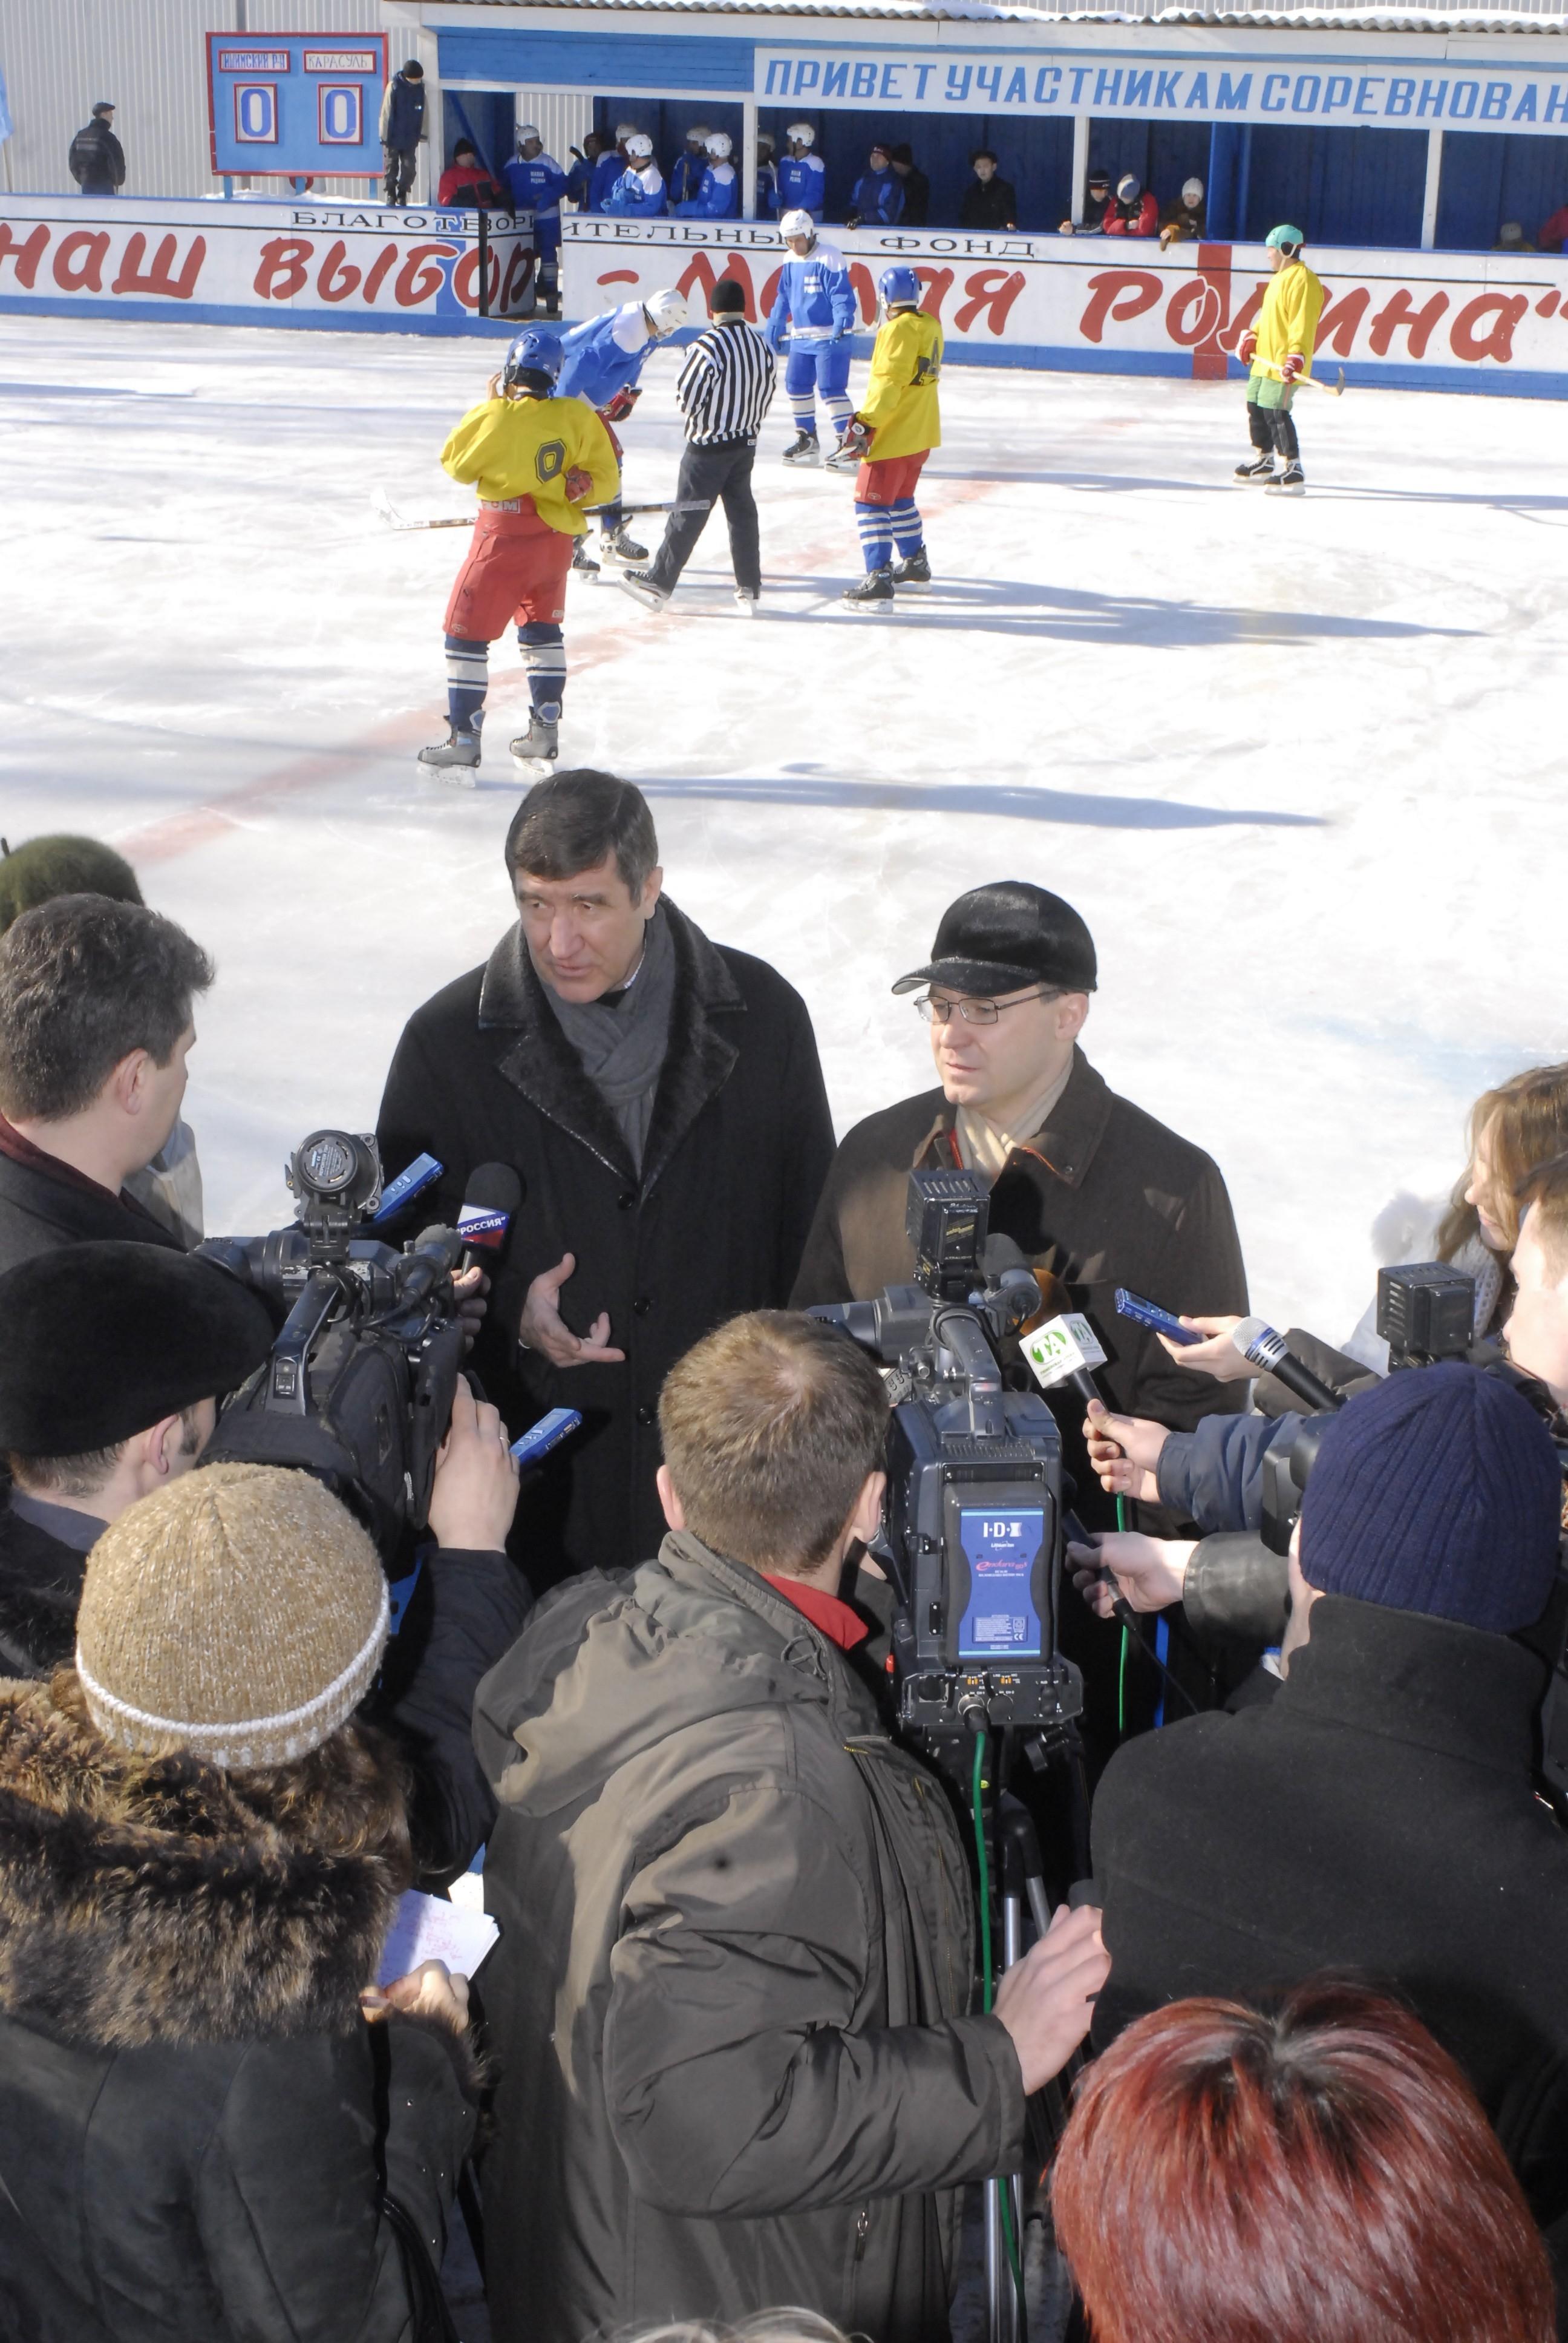 С губернатором Тюменской области В.В. Якушевым (спорткомплекс «Карасульский», Тюменская область); март 2006 г.